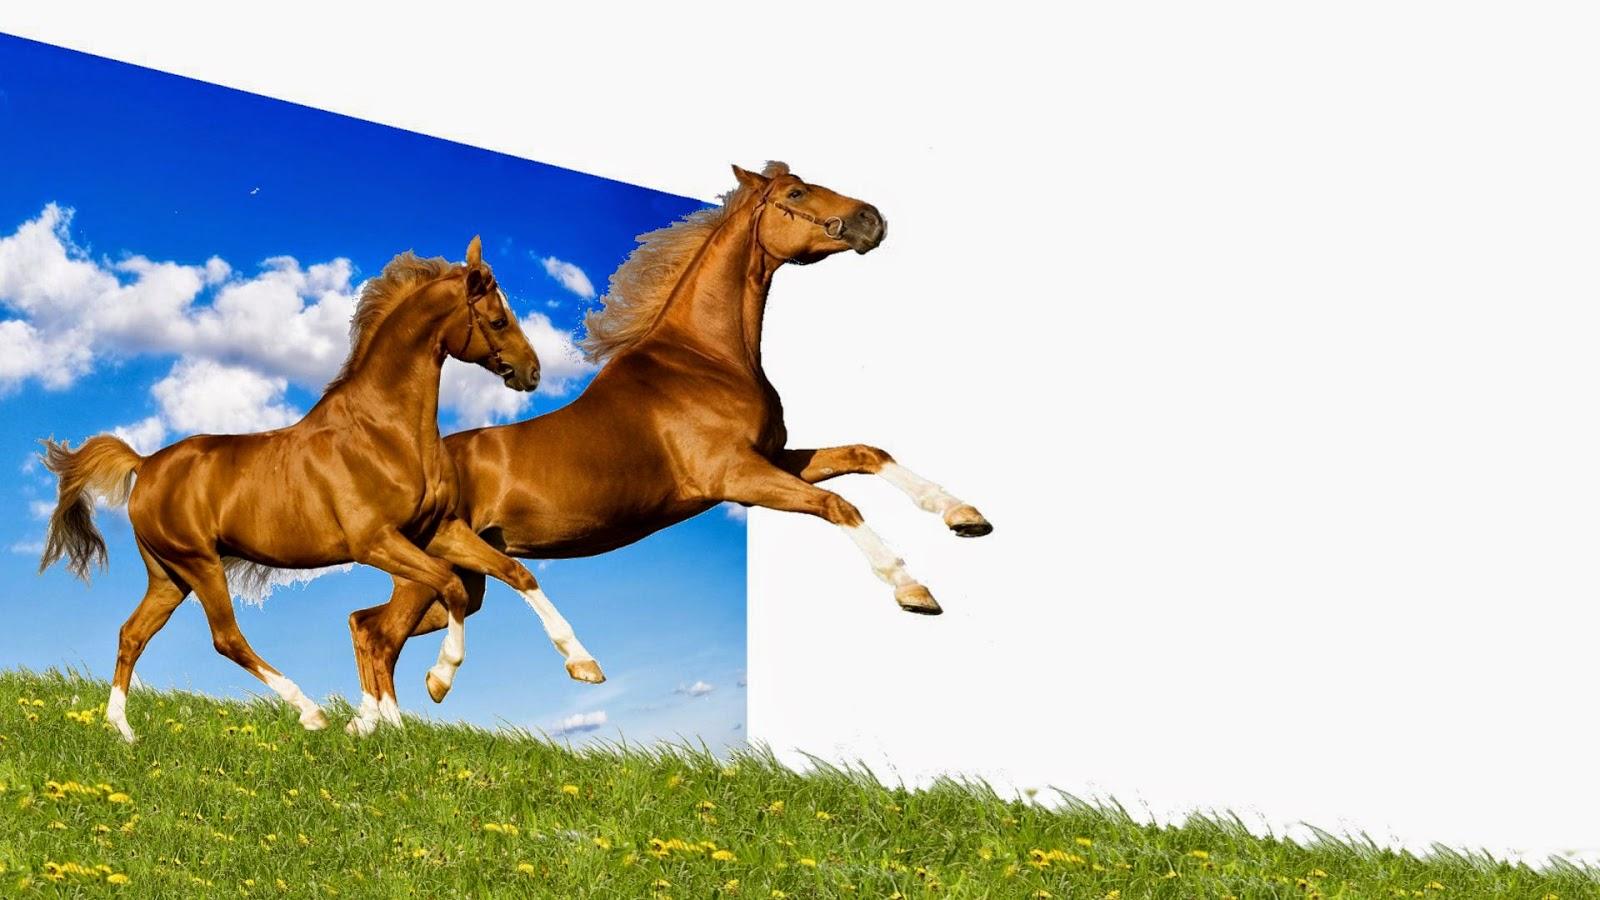 cavalos-correndo para novo prado-1920x1080